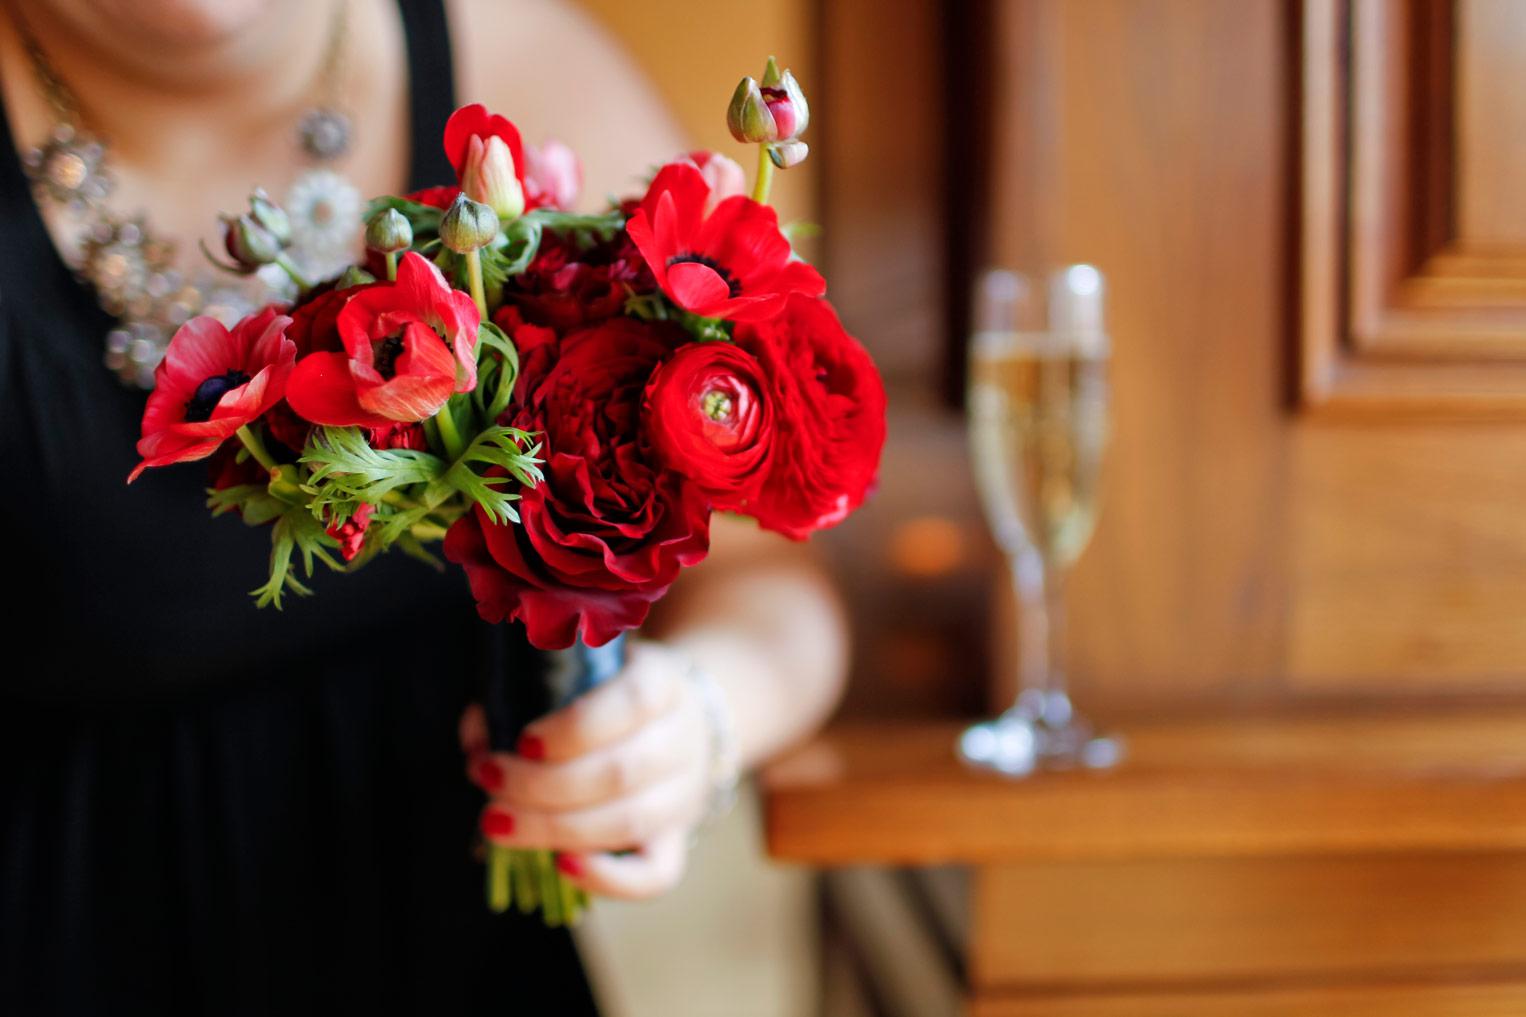 revolution-brewing-chicago-blackhawks-wedding-ruthie-hauge-photography-25.jpg